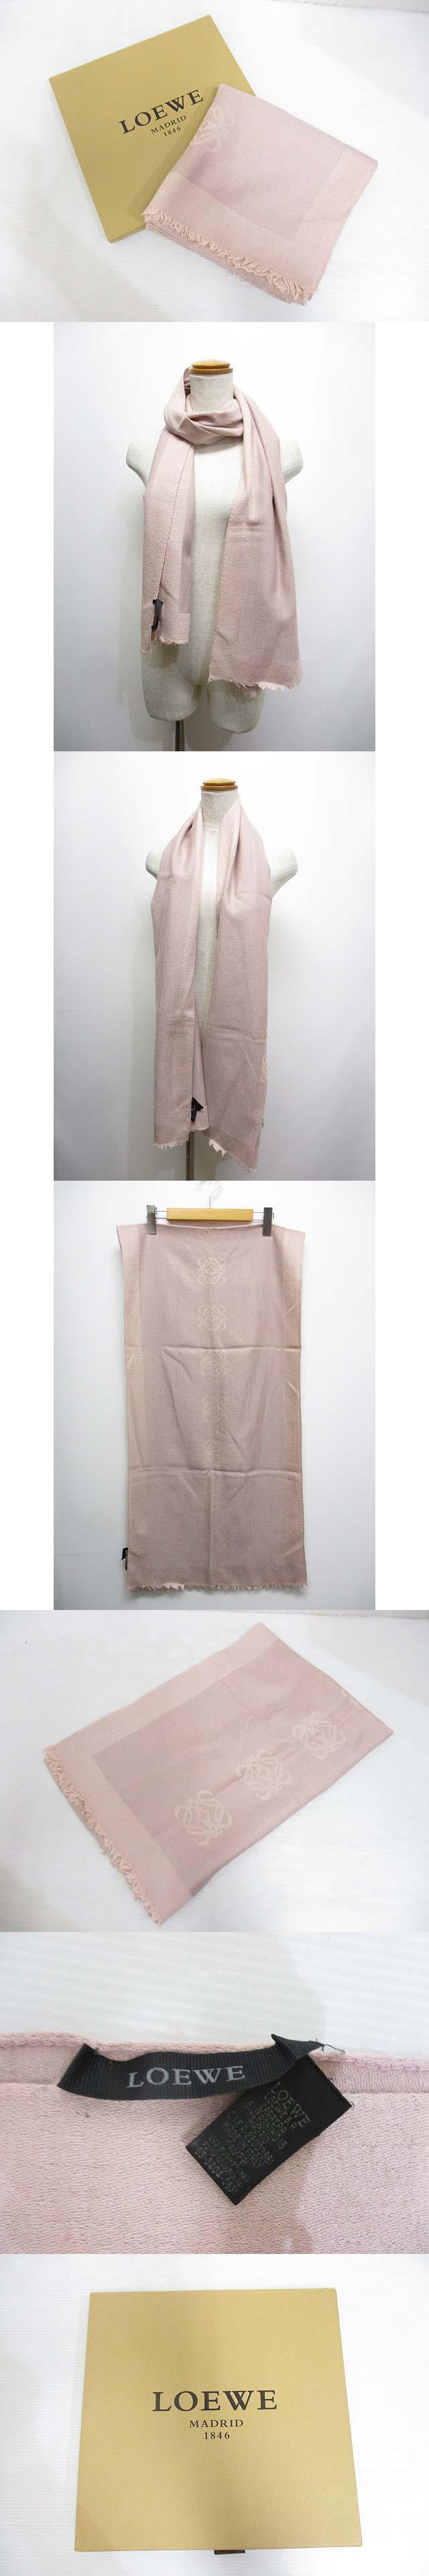 ウール カシミヤ ロゴ ストール マフラー ピンク 箱付き イタリア製